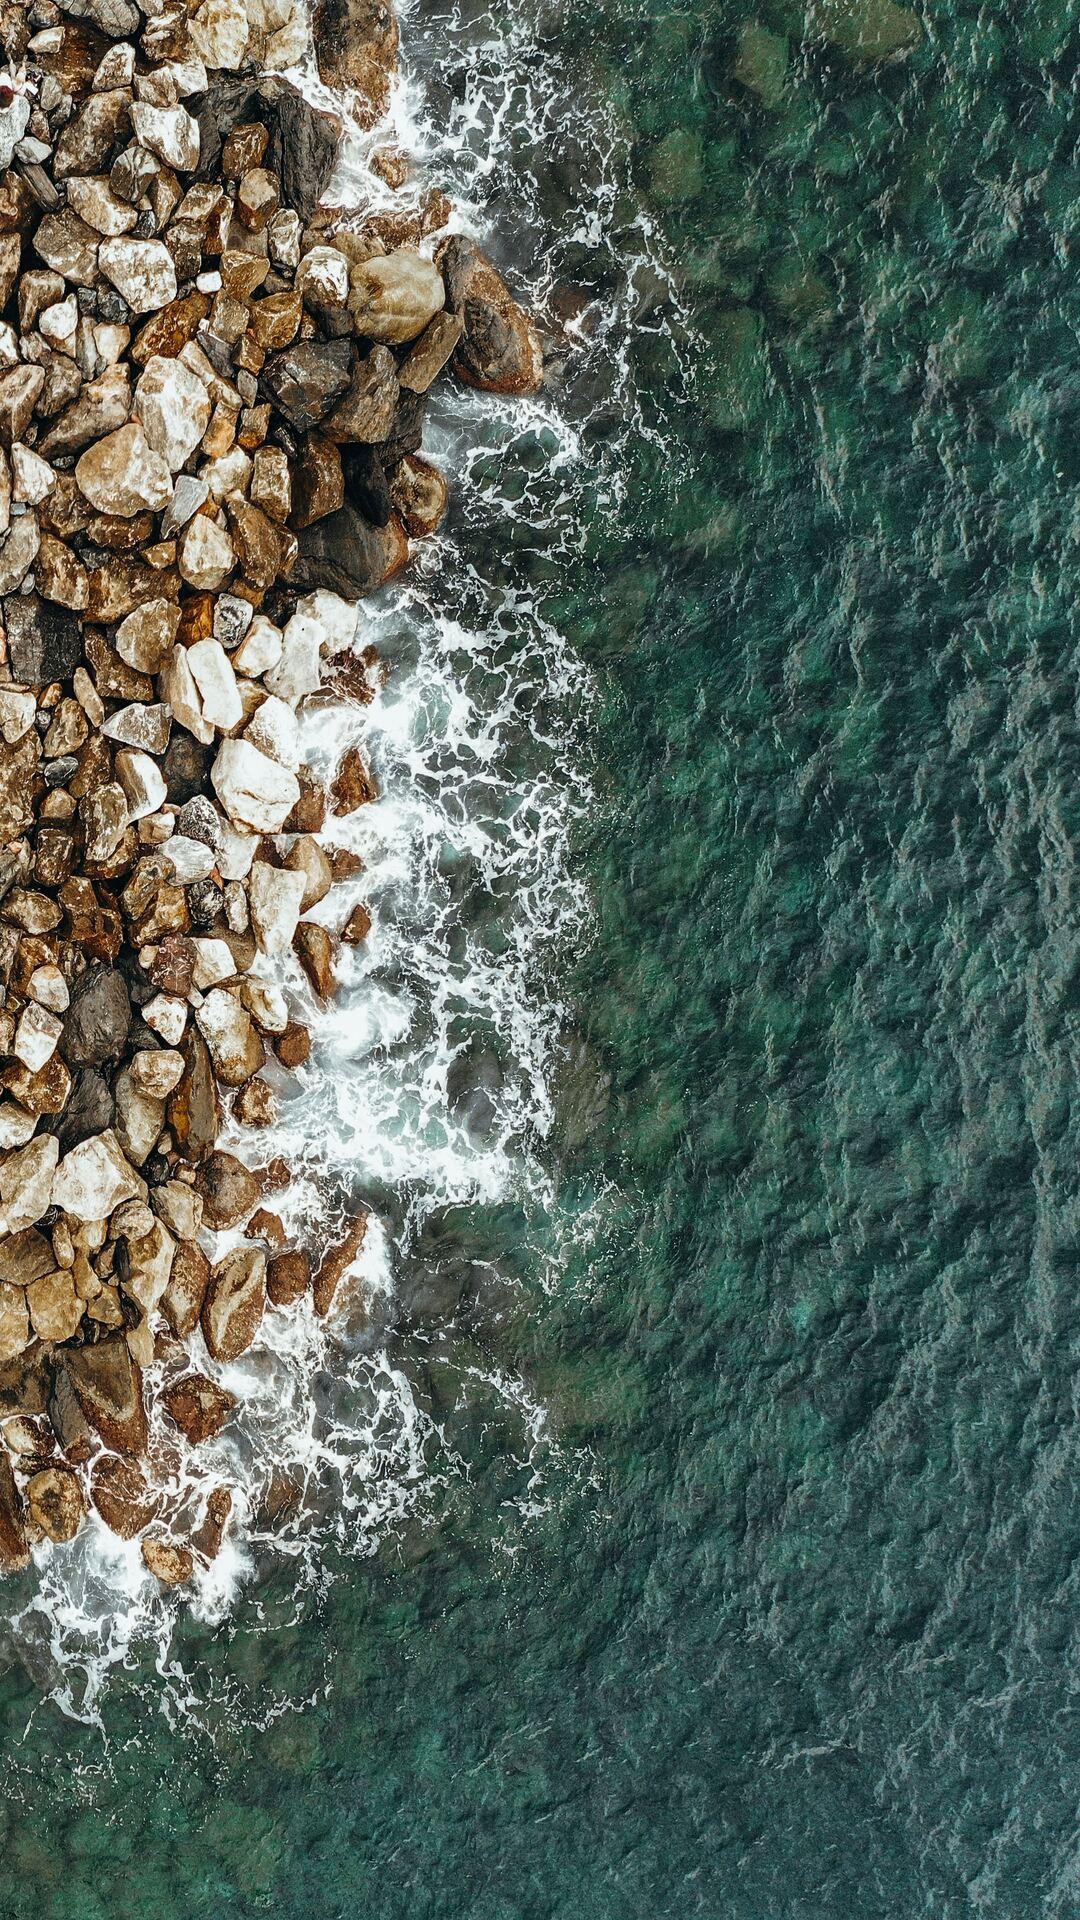 خلفيات ايفون شاطئ روعة Hd 2020 مربع